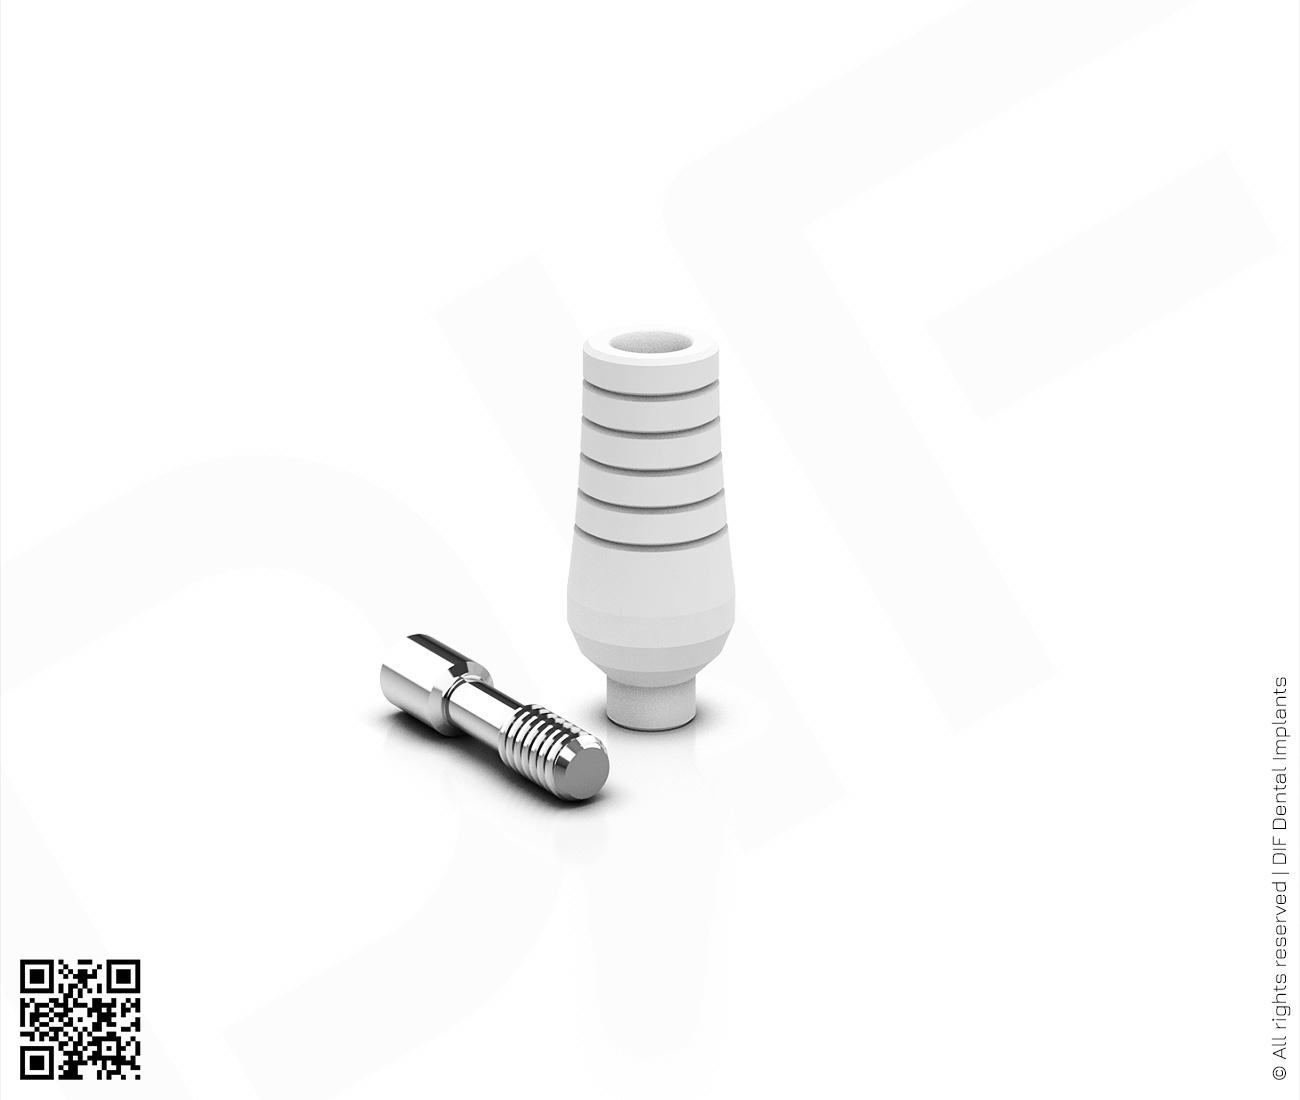 Фото абатмент пластиковый прямой анатомический d4.5 мм – h9.0 мм non hex серии classic производства DIF.